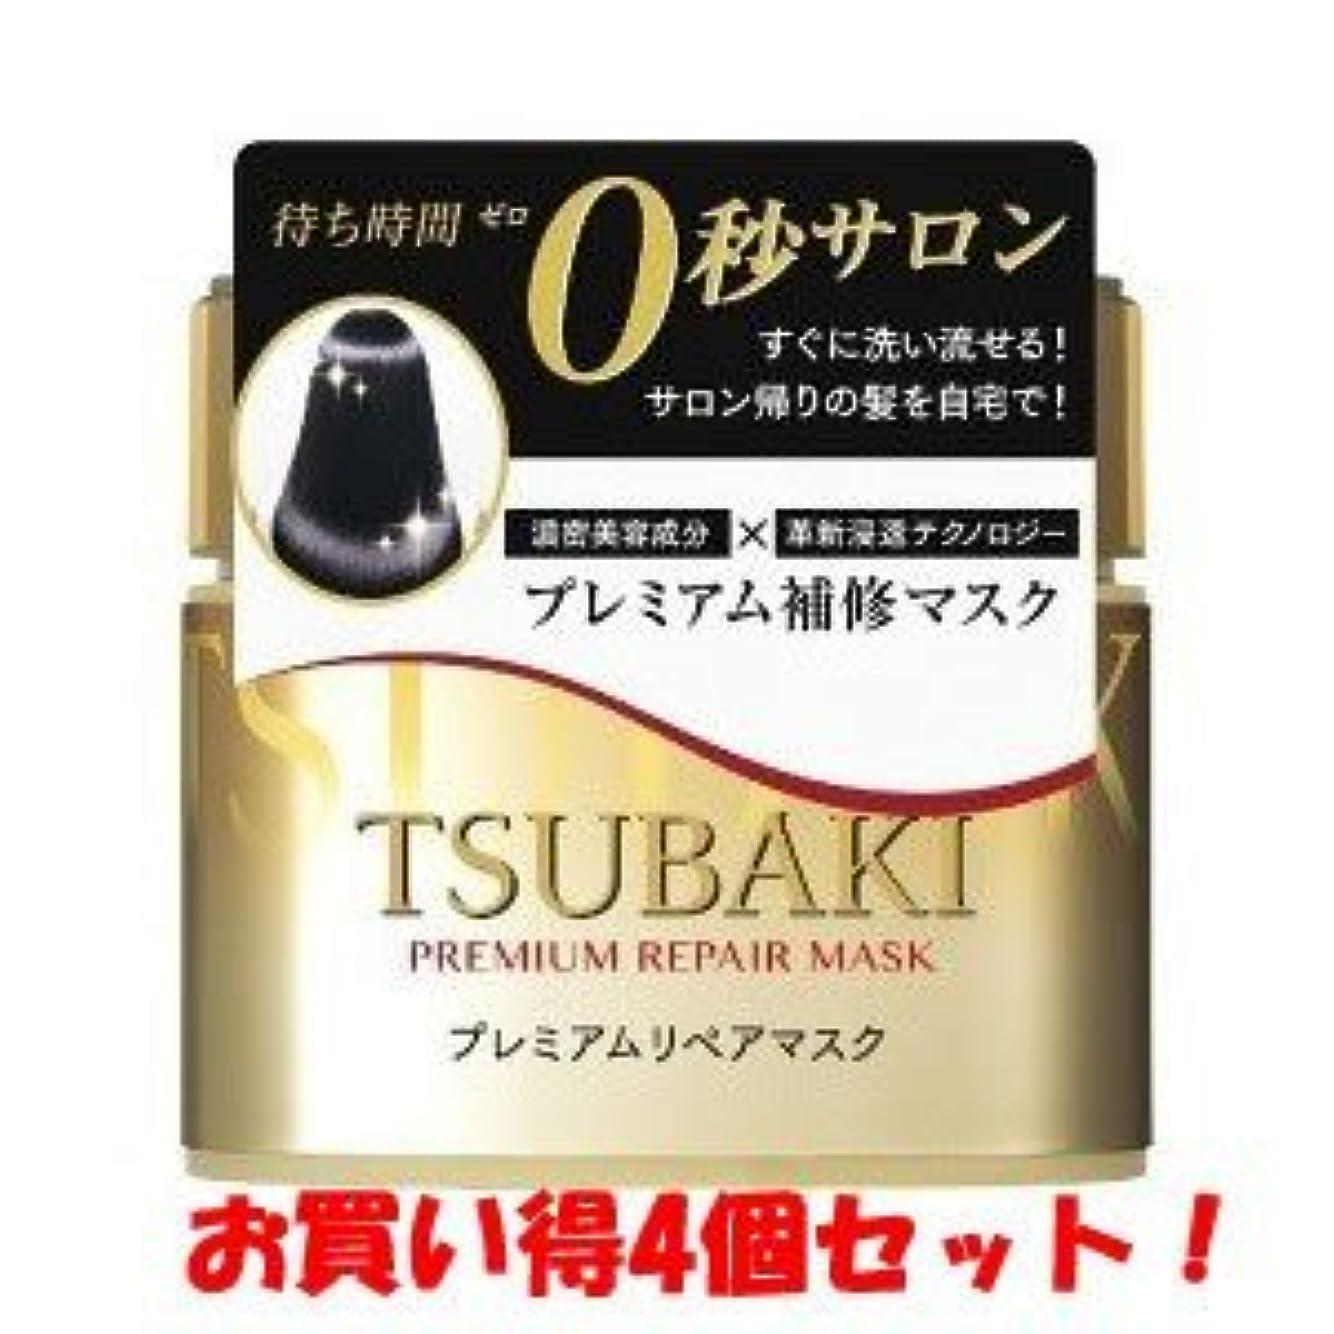 寝室脅威隠(2017年の新商品)(資生堂)ツバキ(TSUBAKI) プレミアムリペアマスク 180g(お買い得4個セット)